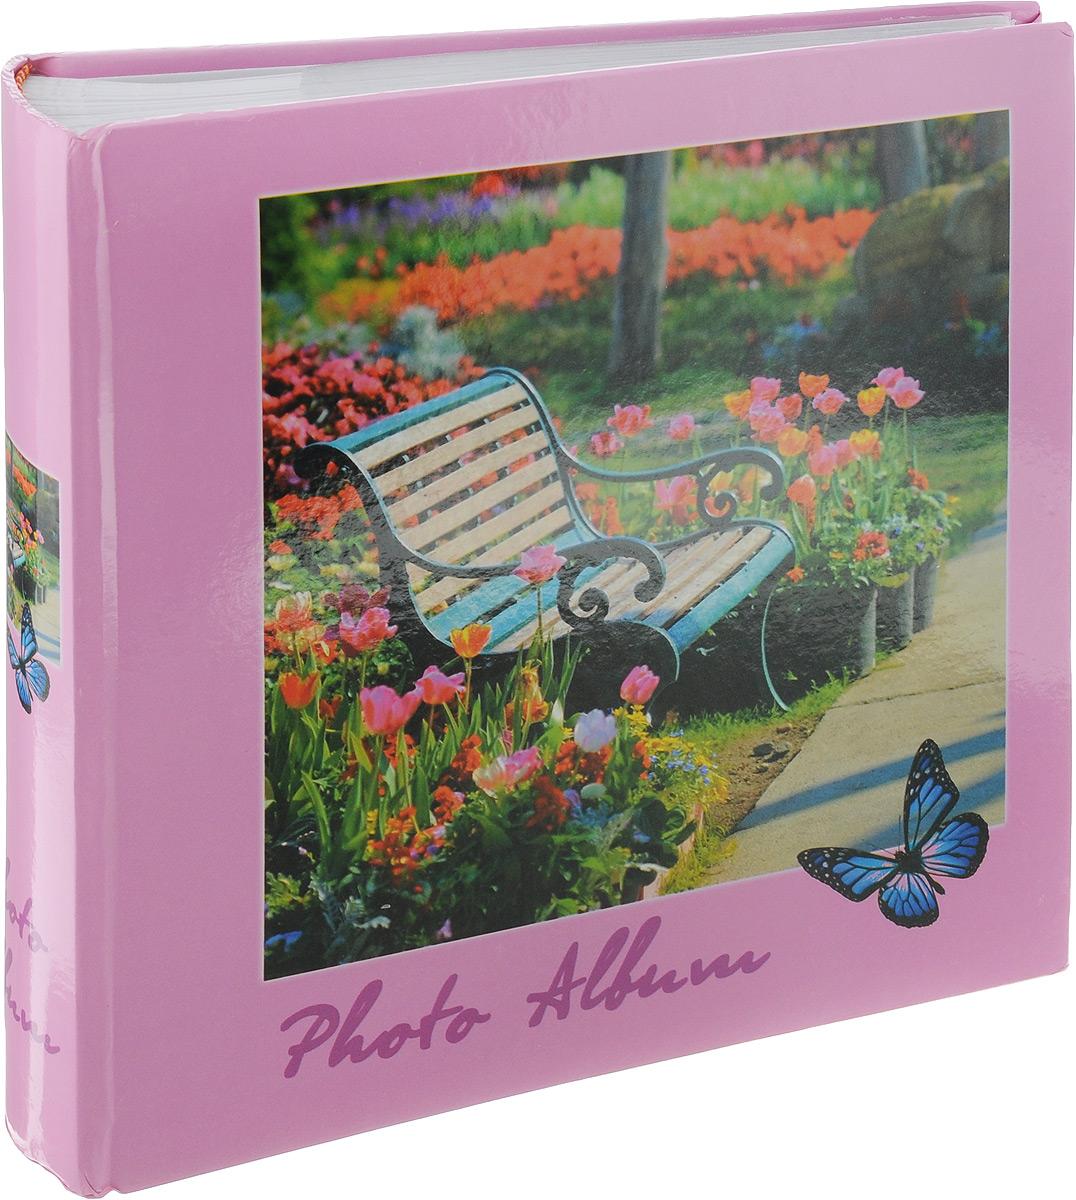 Фотоальбом Pioneer 4 Seasons, 200 фотографий, цвет: розовый, 10 x 15 см46198 AB46200Тип обложки: Ламинированный картон. Тип листов: бумажные. Тип переплета: книжный. Кол-во фотографий: 200. Материалы, использованные в изготовлении альбома, обеспечивают высокое качество хранения ваших фотографий, поэтому фотографии не желтеют со временем.